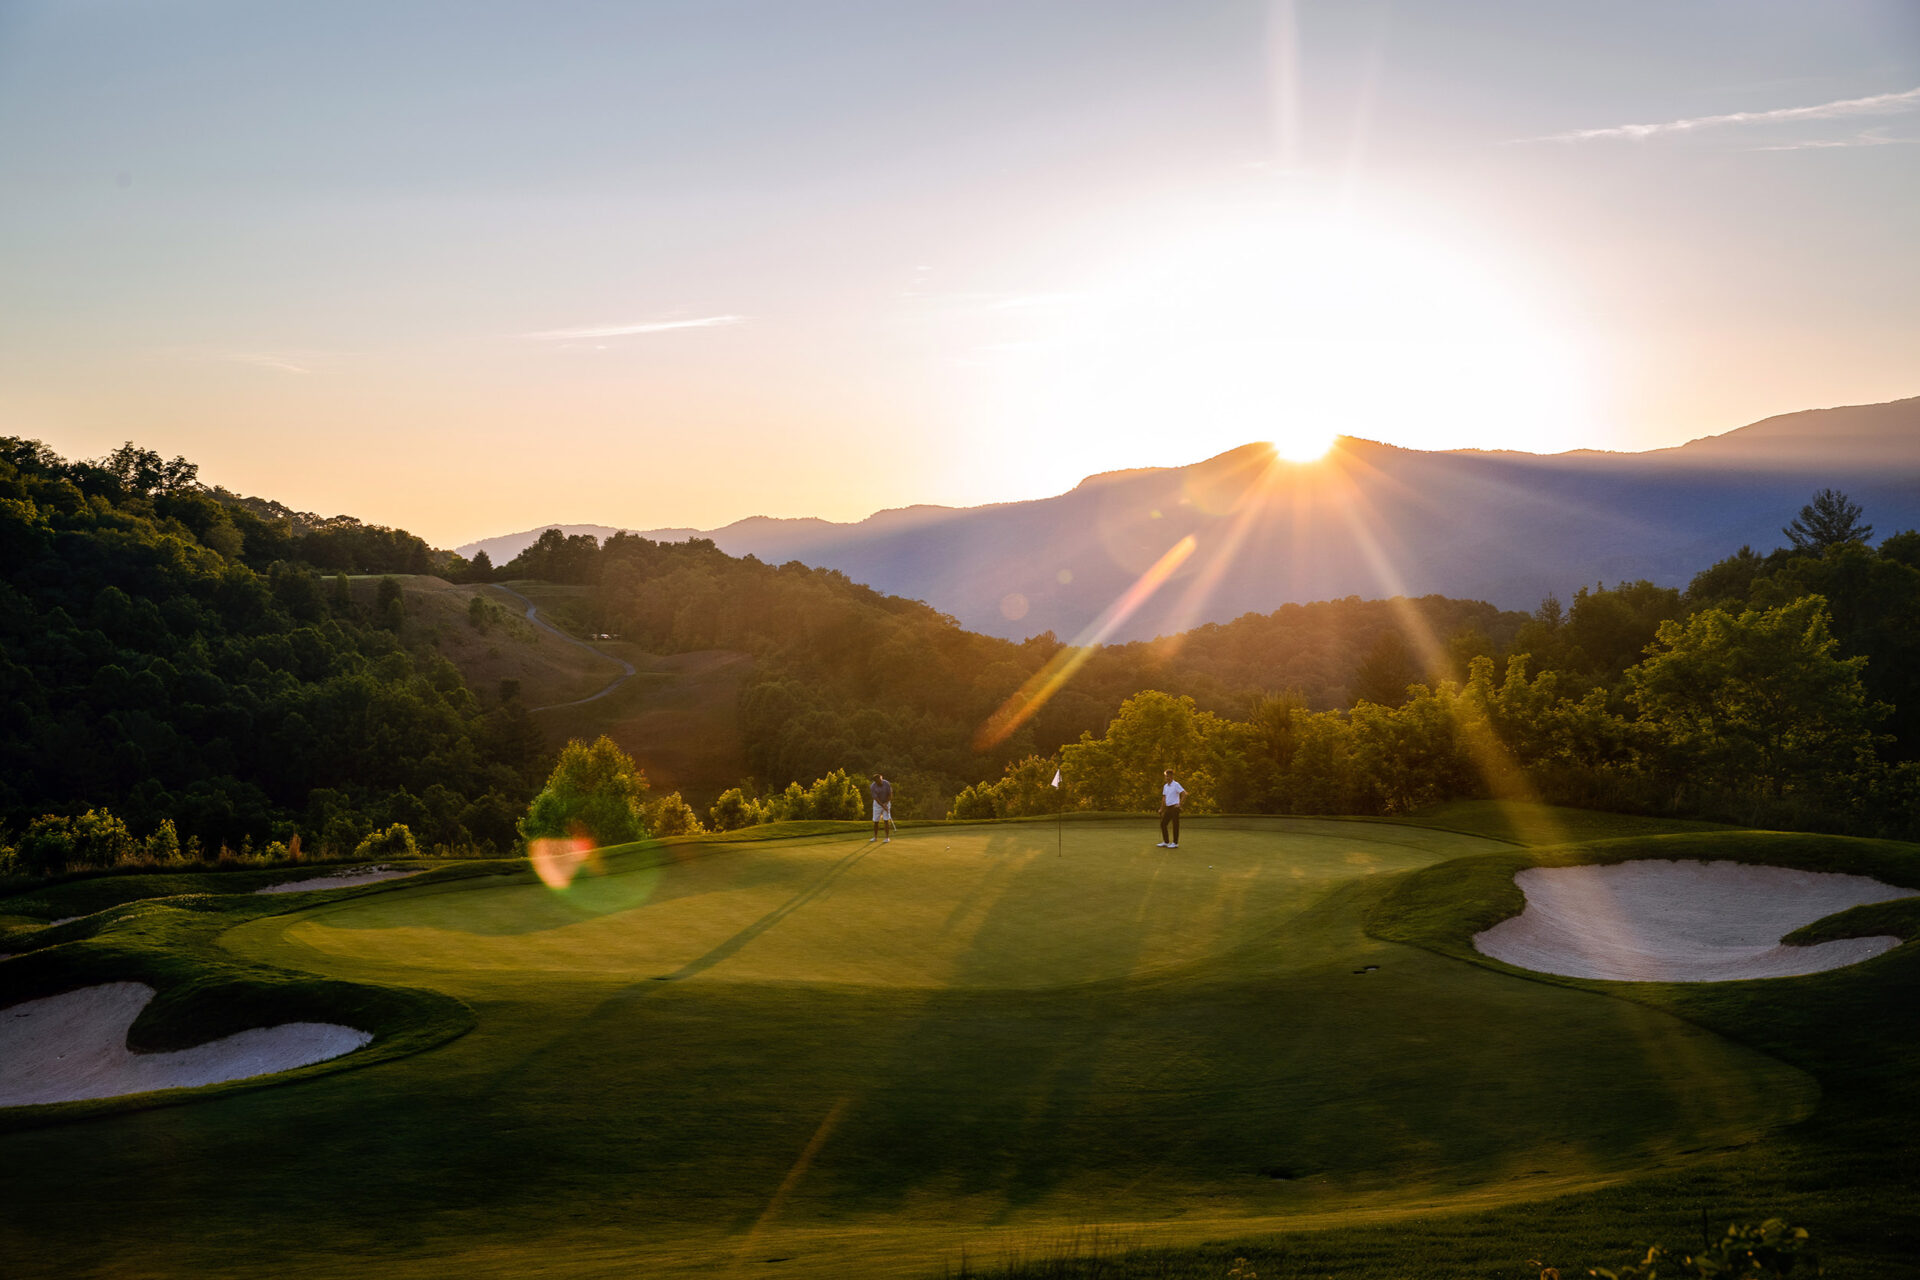 balsam mountain golf hole 16 green